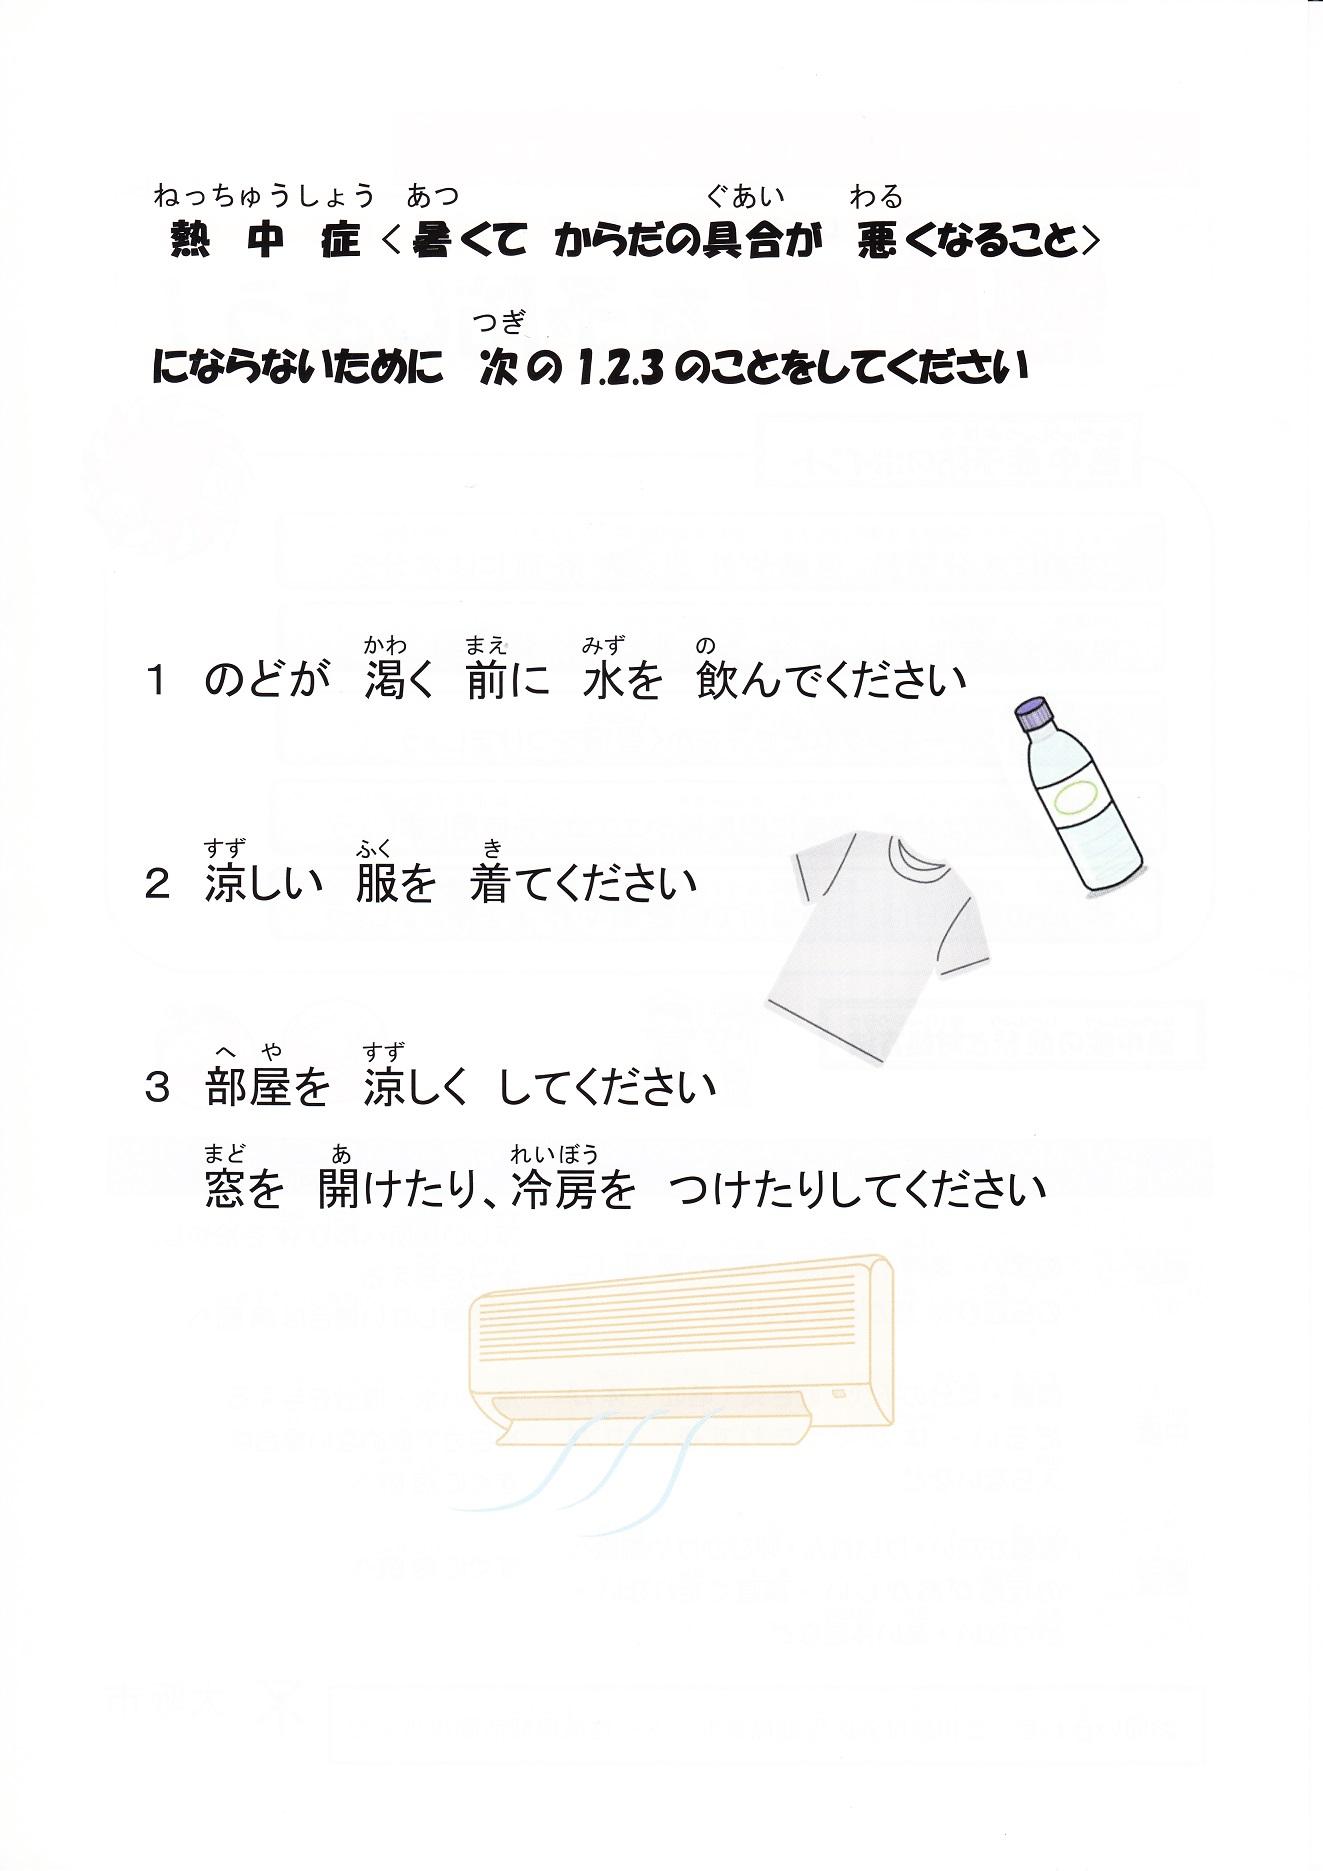 wIMG_0002.jpg